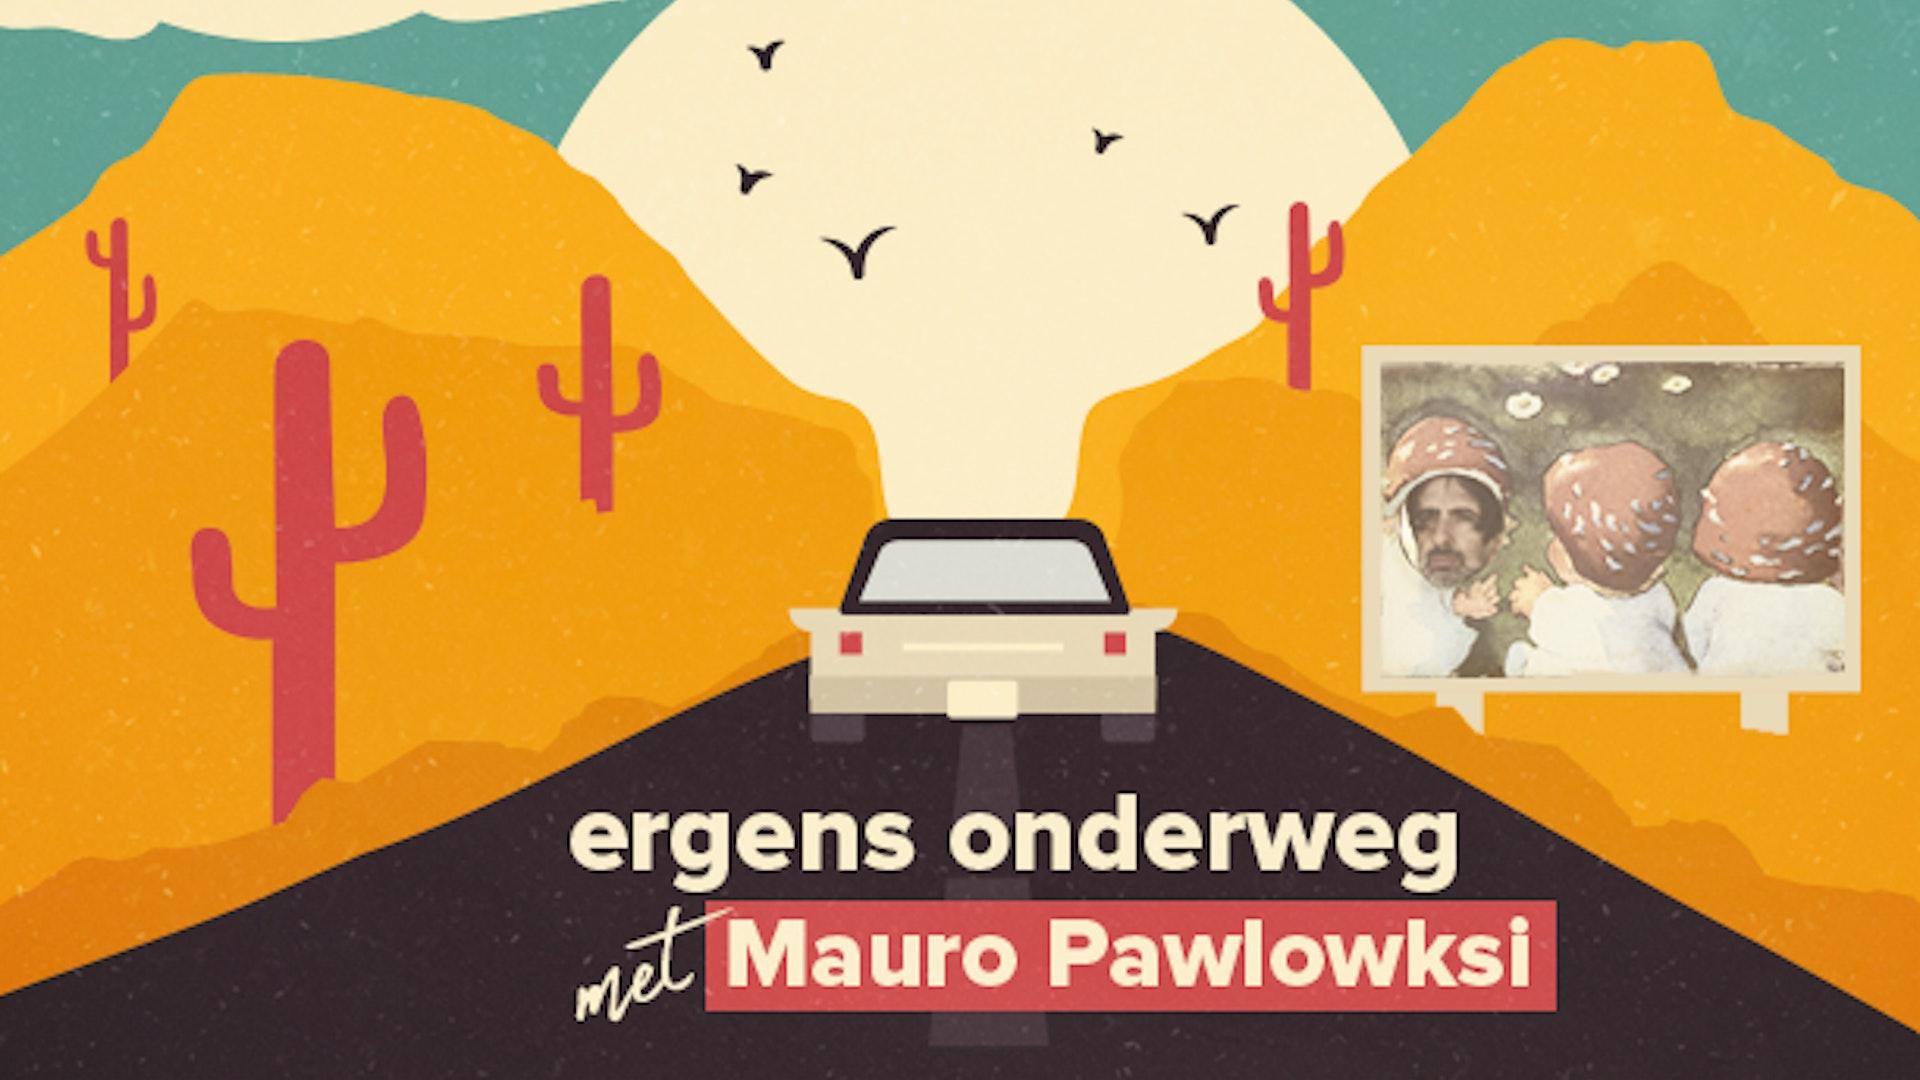 Ergens onderweg met Mauro Pawlowski